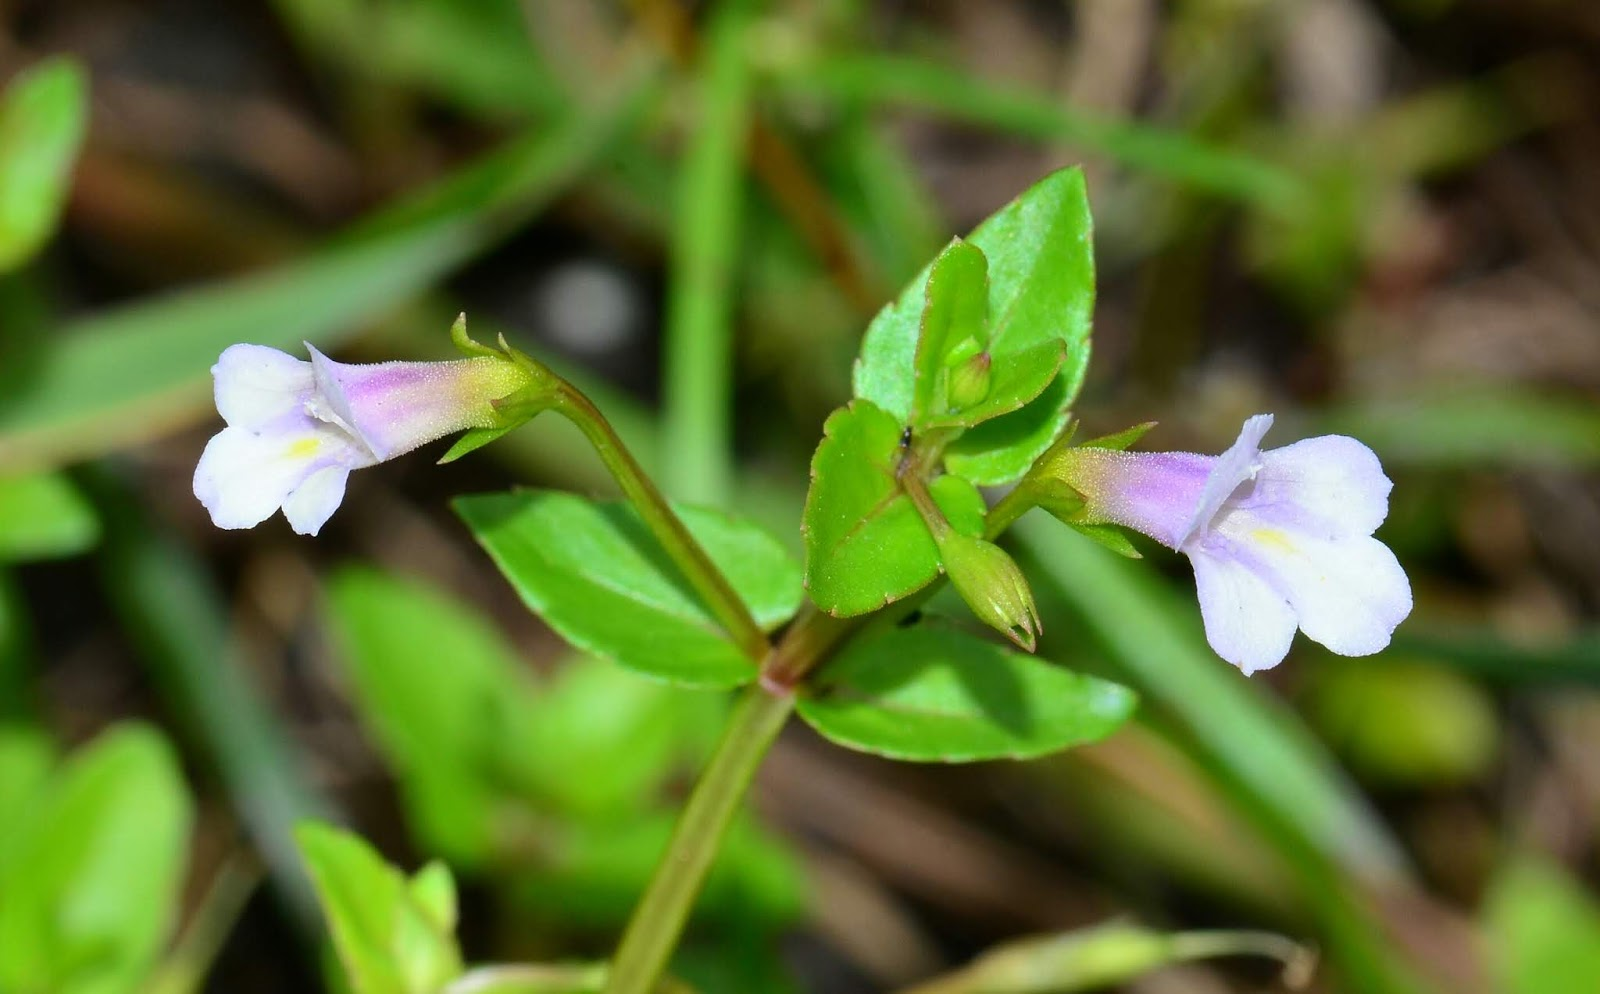 定經草(心葉母草)Lindernia anagallis (Burm.f.) Pennell 【母草科】